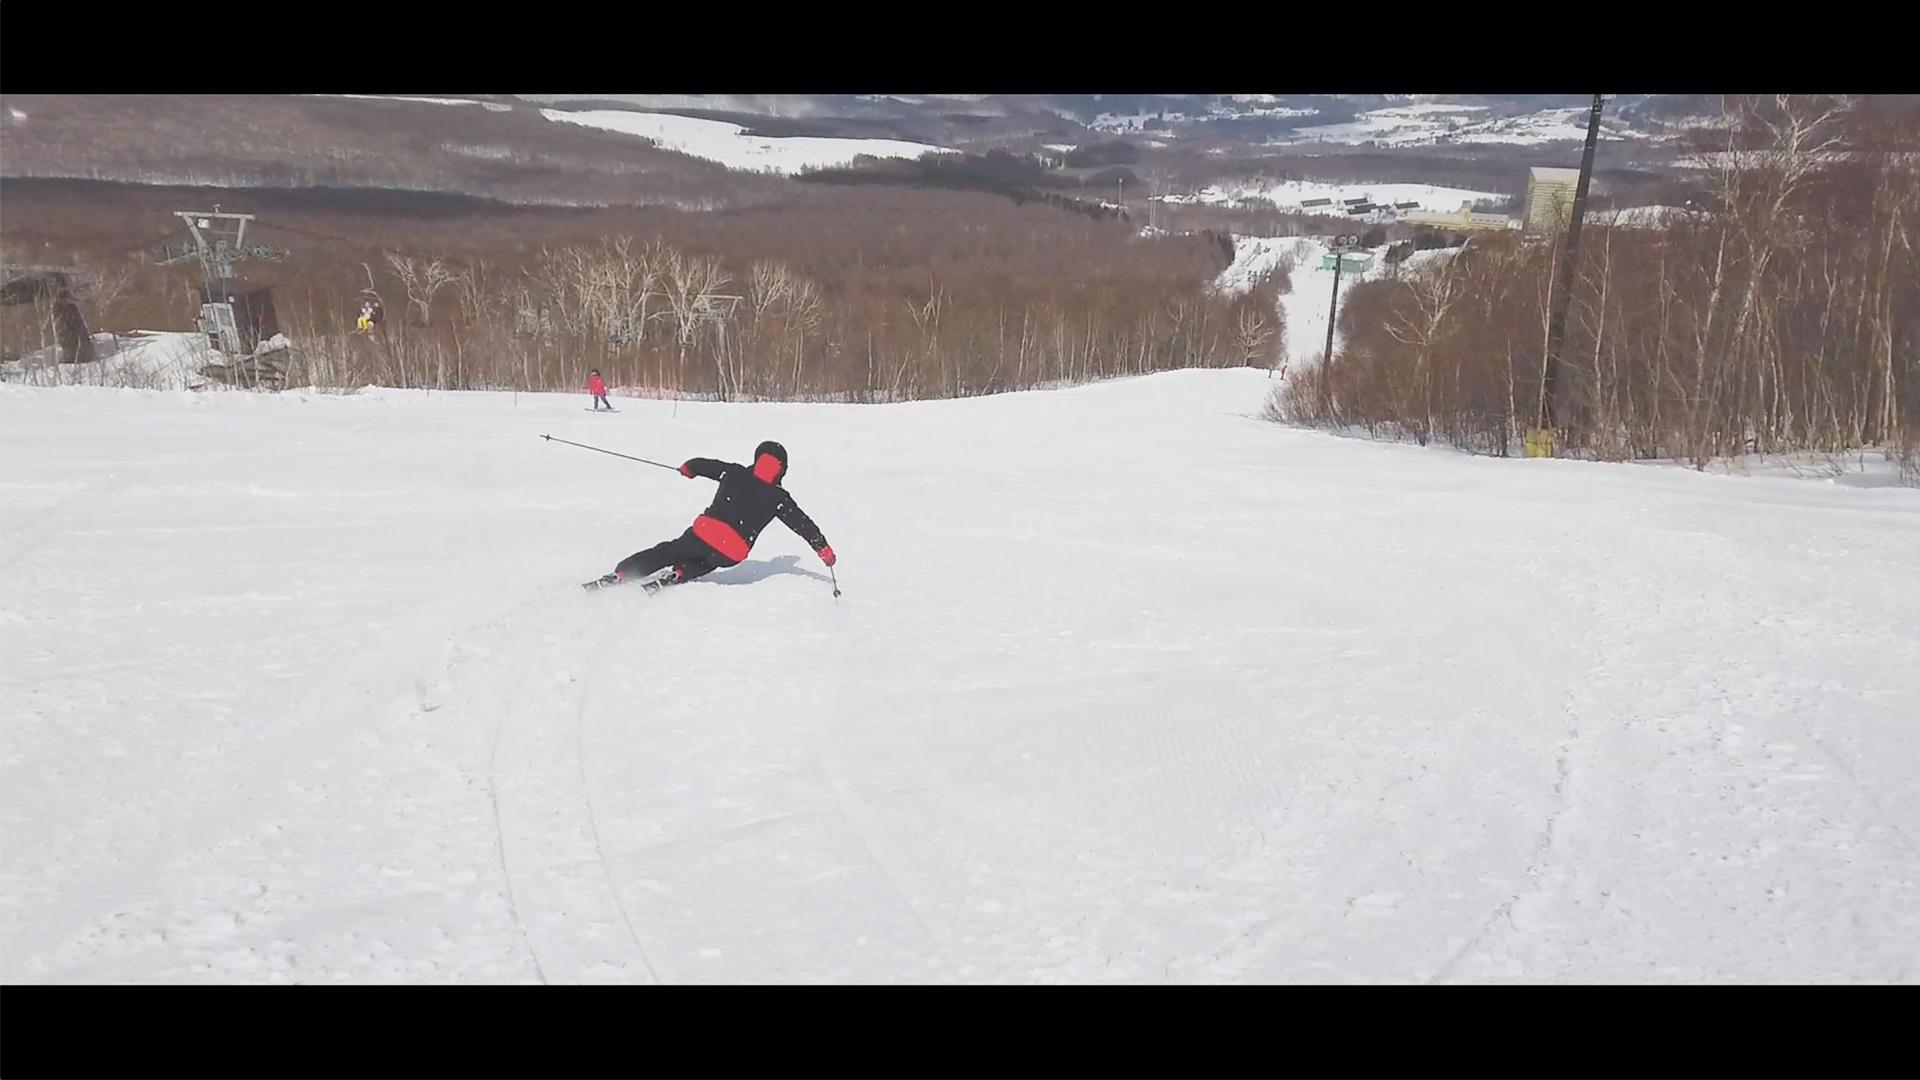 【スキー】中斜面を上下動多めのカービング大回りで滑ってみる|TakehiroSaito